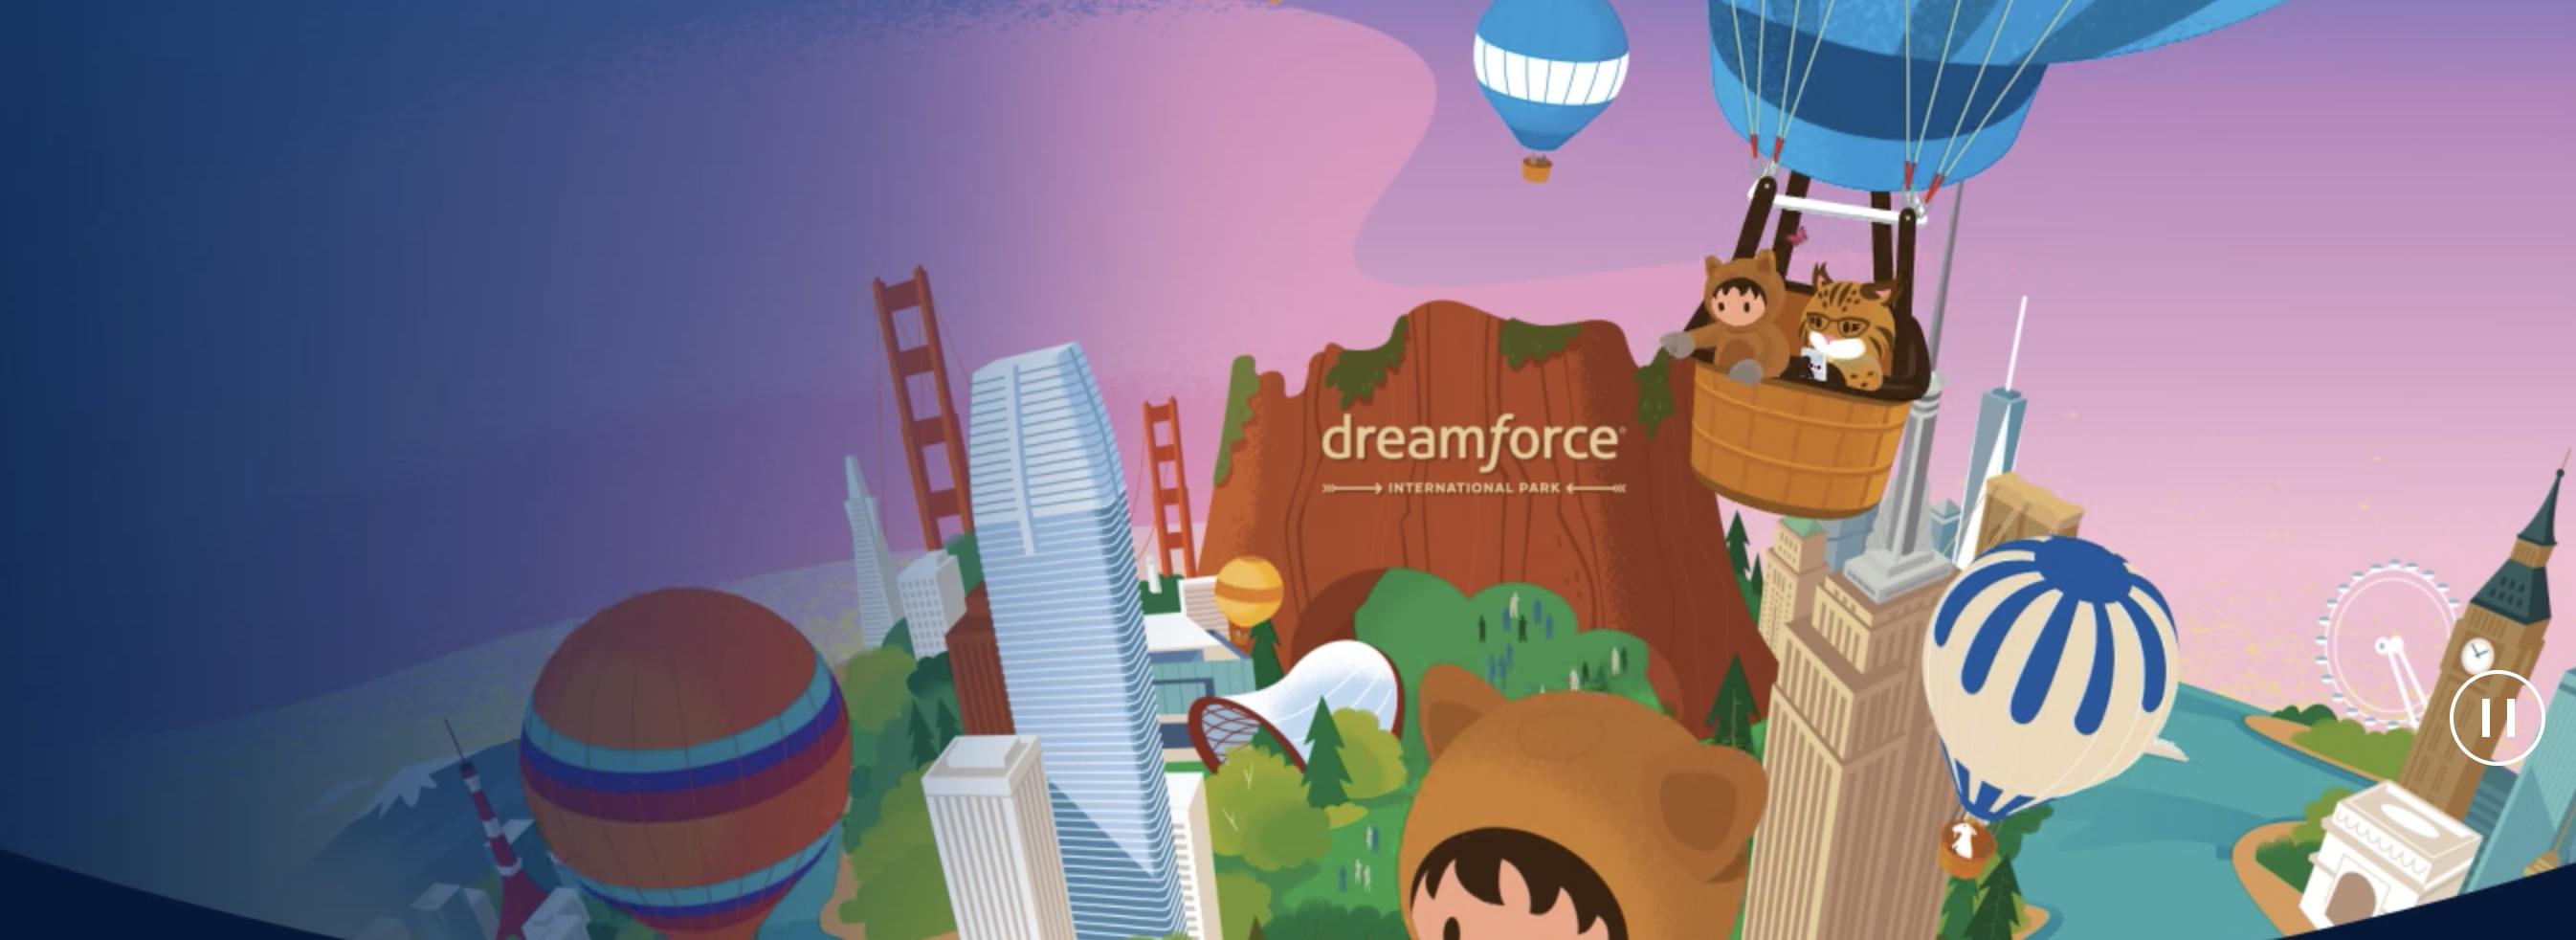 A few RevOps takeaways from Dreamforce 2021